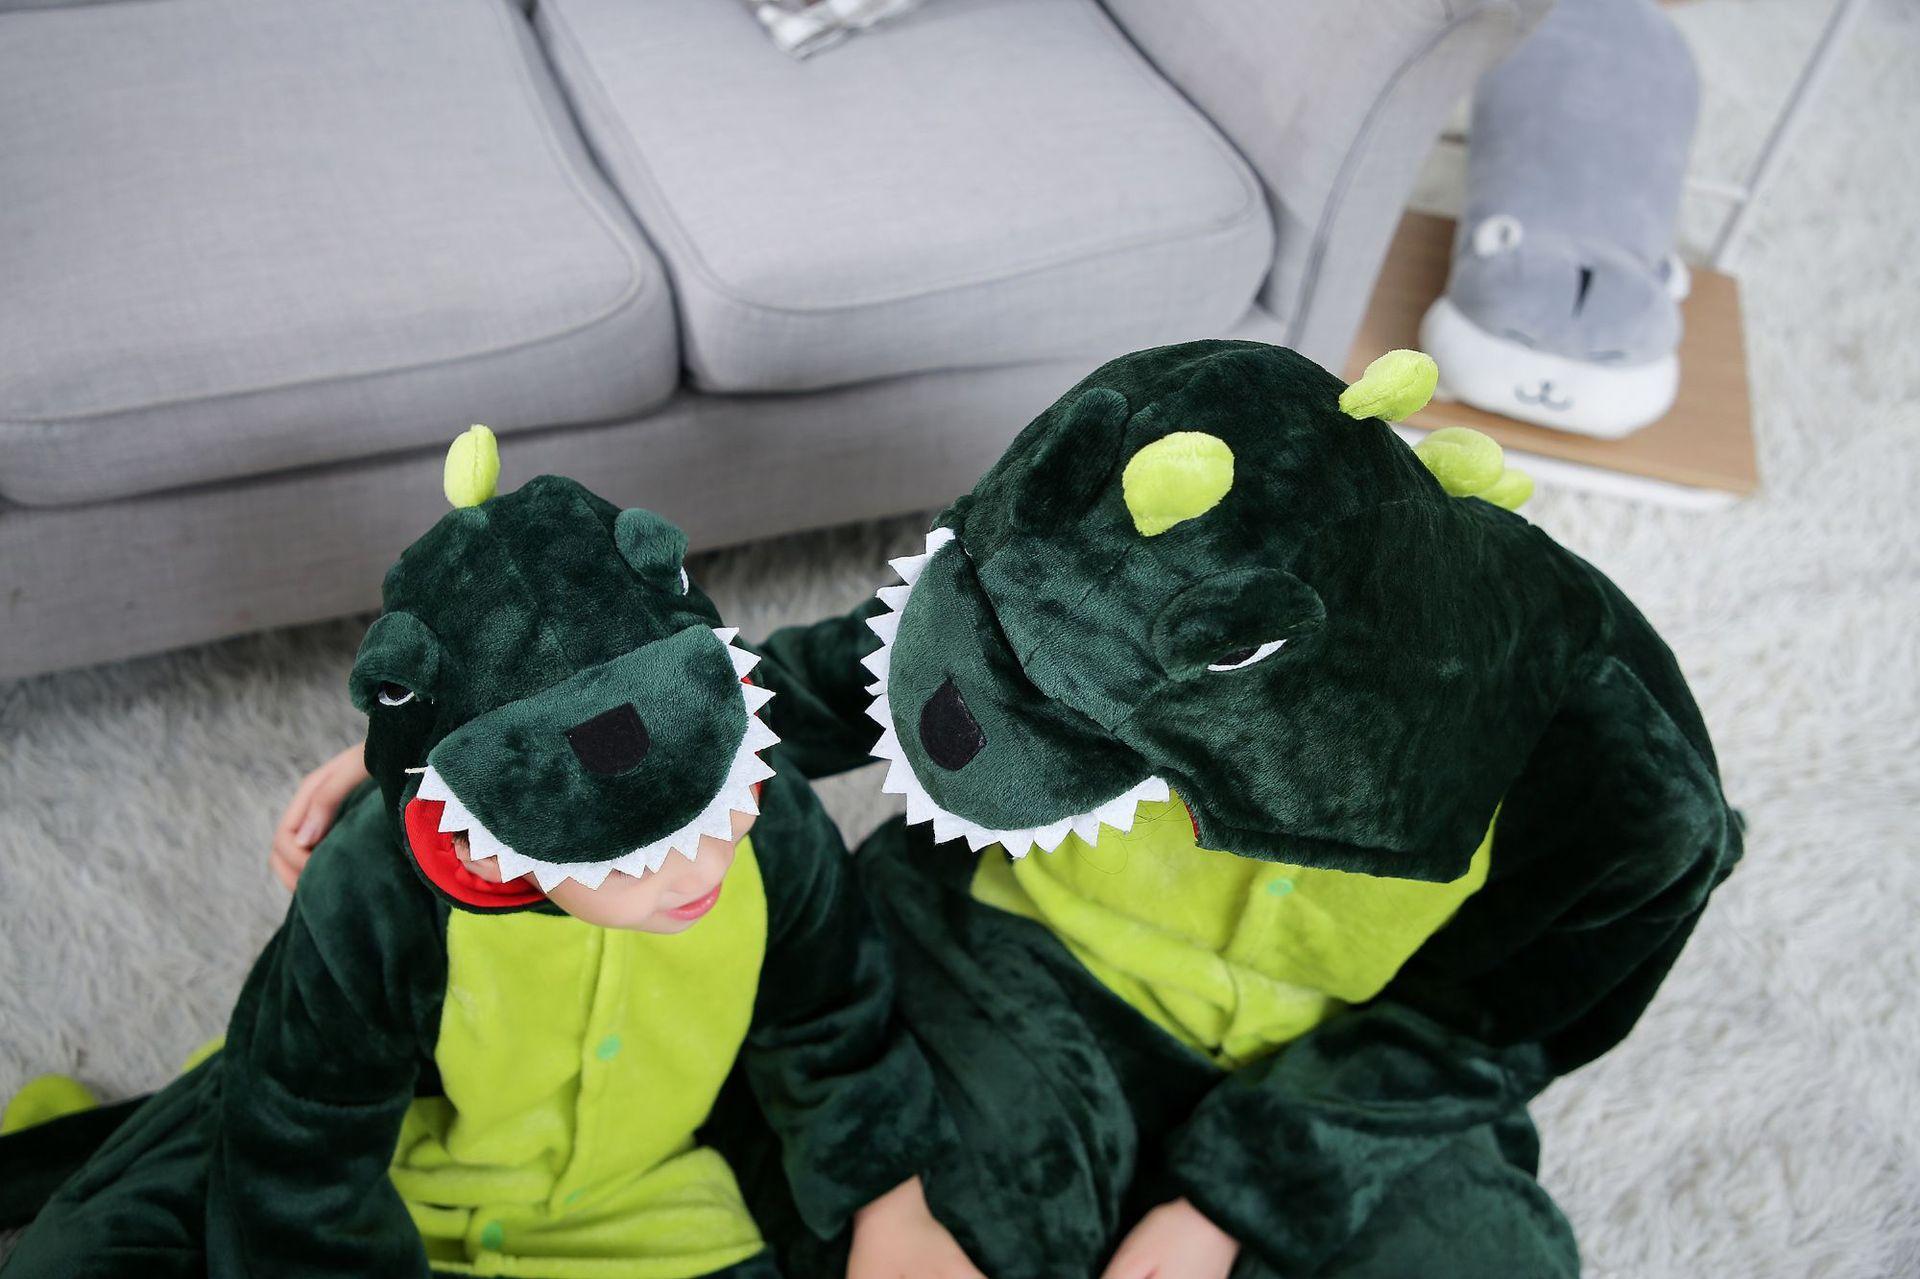 Giá bán Bộ Đồ hình thú Khủng Long xanh liền thân lông mịn Pijama dành Cho Người Lớn và Trẻ Em kiểu dáng Động Vật Hoạt Hình Cosplay Đầy Đủ Các Mẫu Mã Kích Cỡ nhiều màu khahanshop